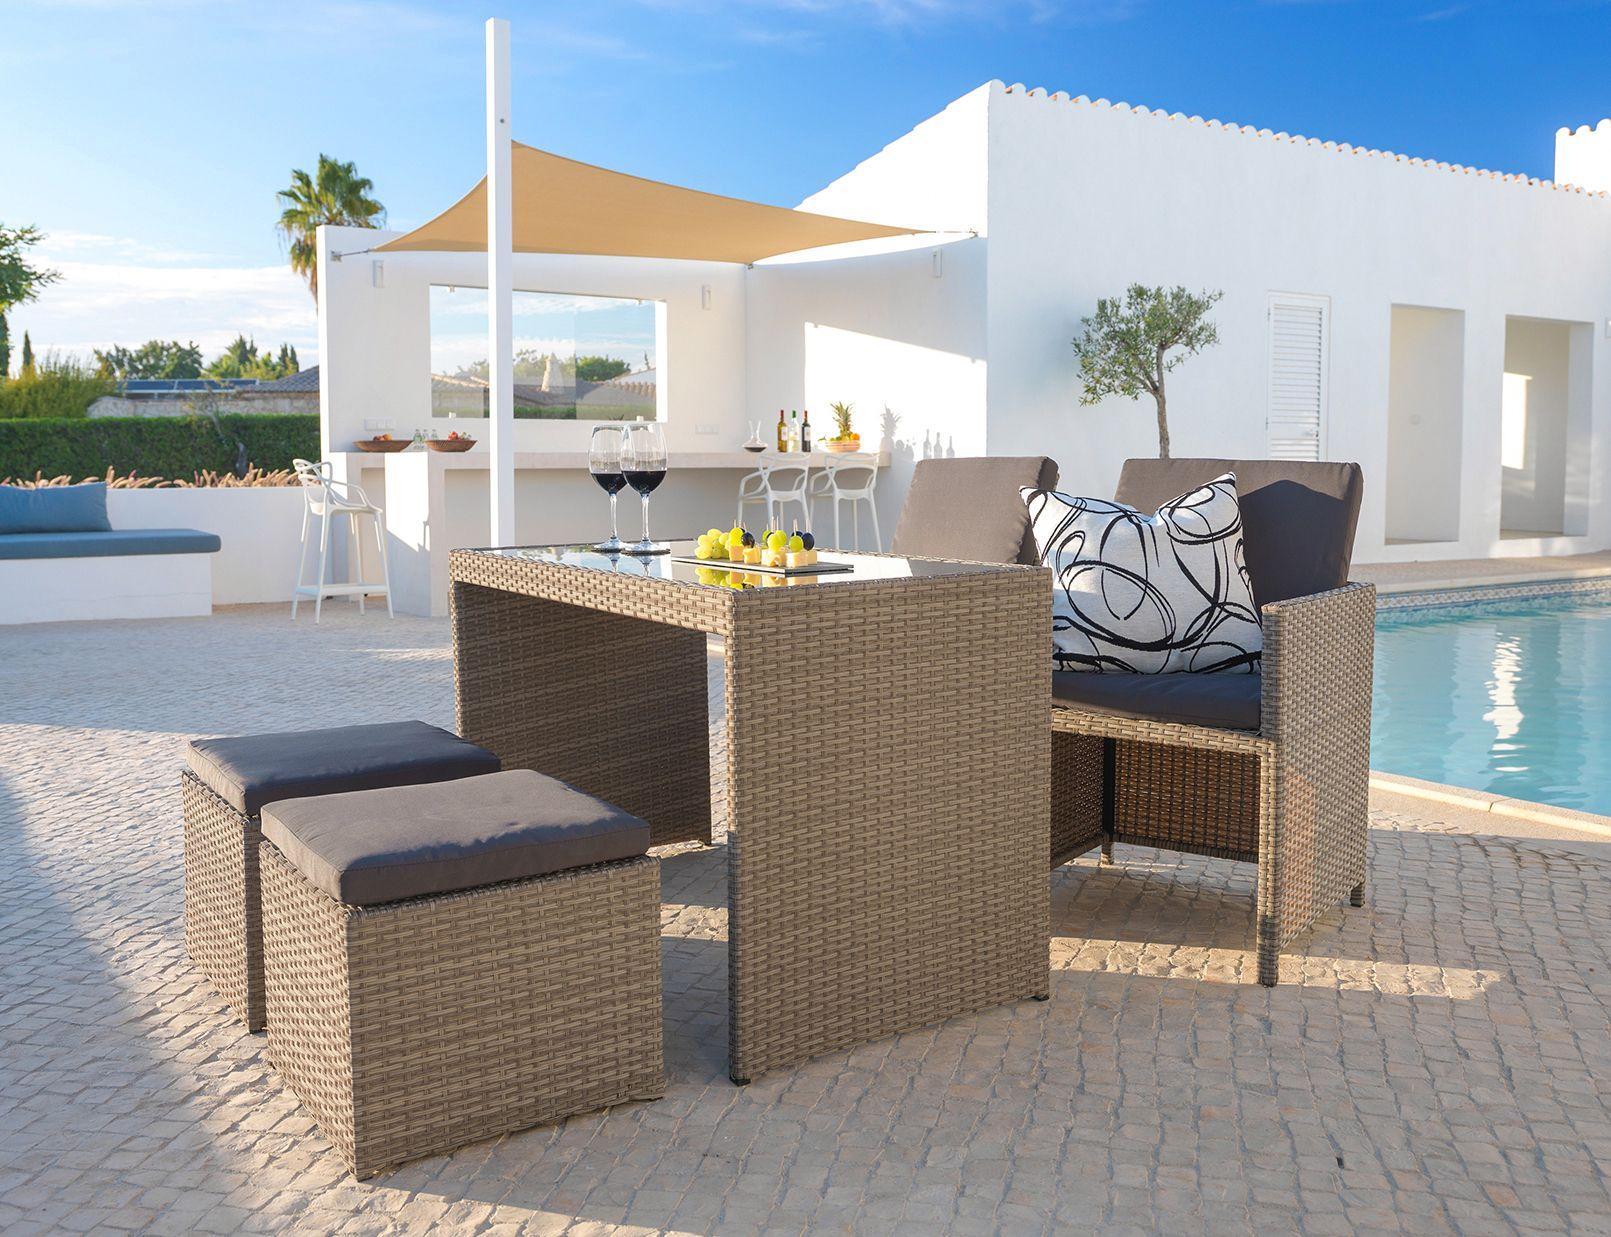 Garten Lounge aus Rattan für 4 Personen Gartenset